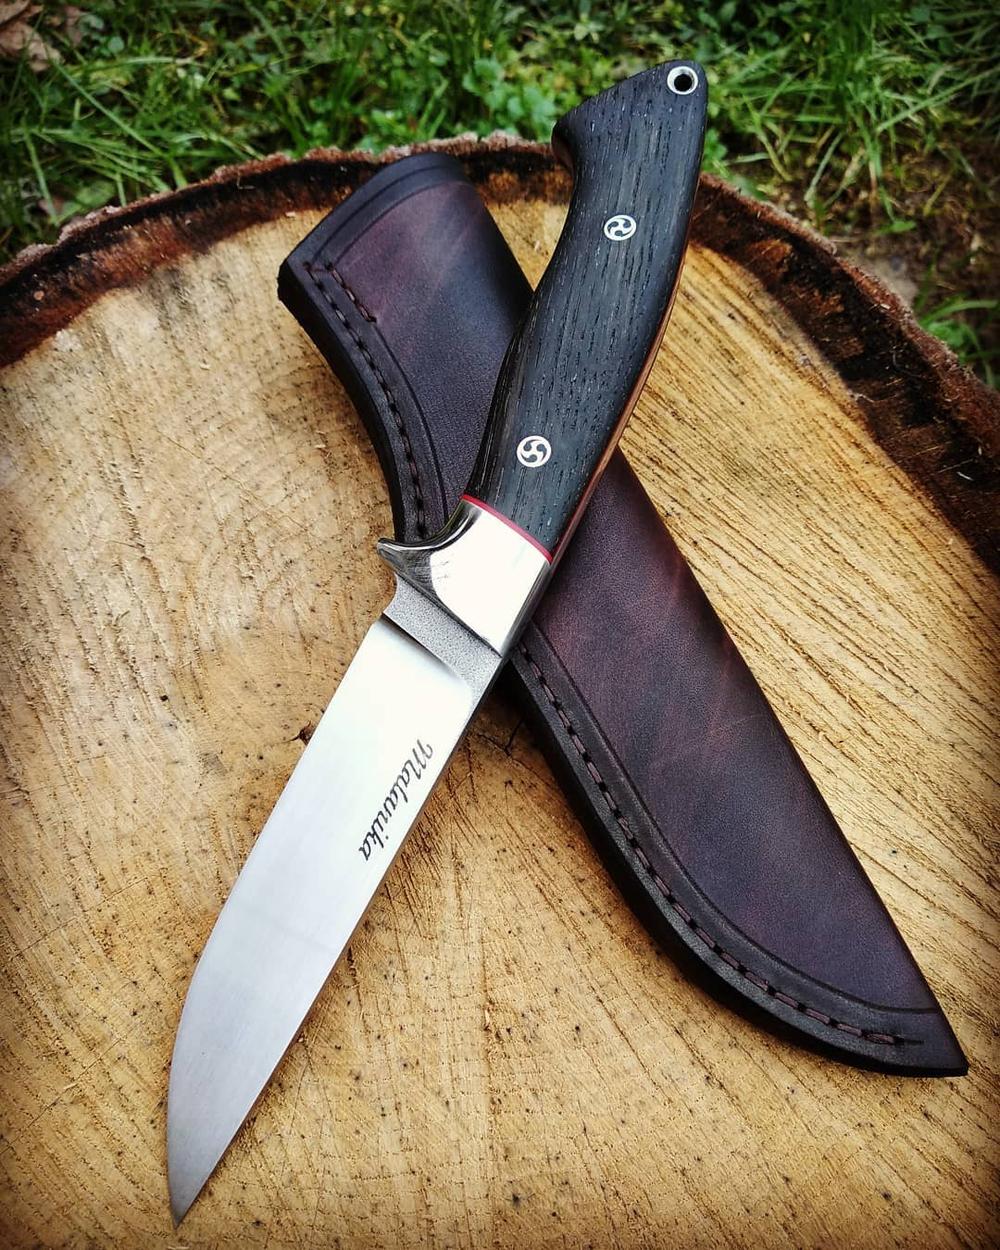 Con dao 'thửa' Malanika - Món quà đấu giá đặc biệt gửi tới bệnh nhân Covid-19 tại Việt Nam - Ảnh 4.